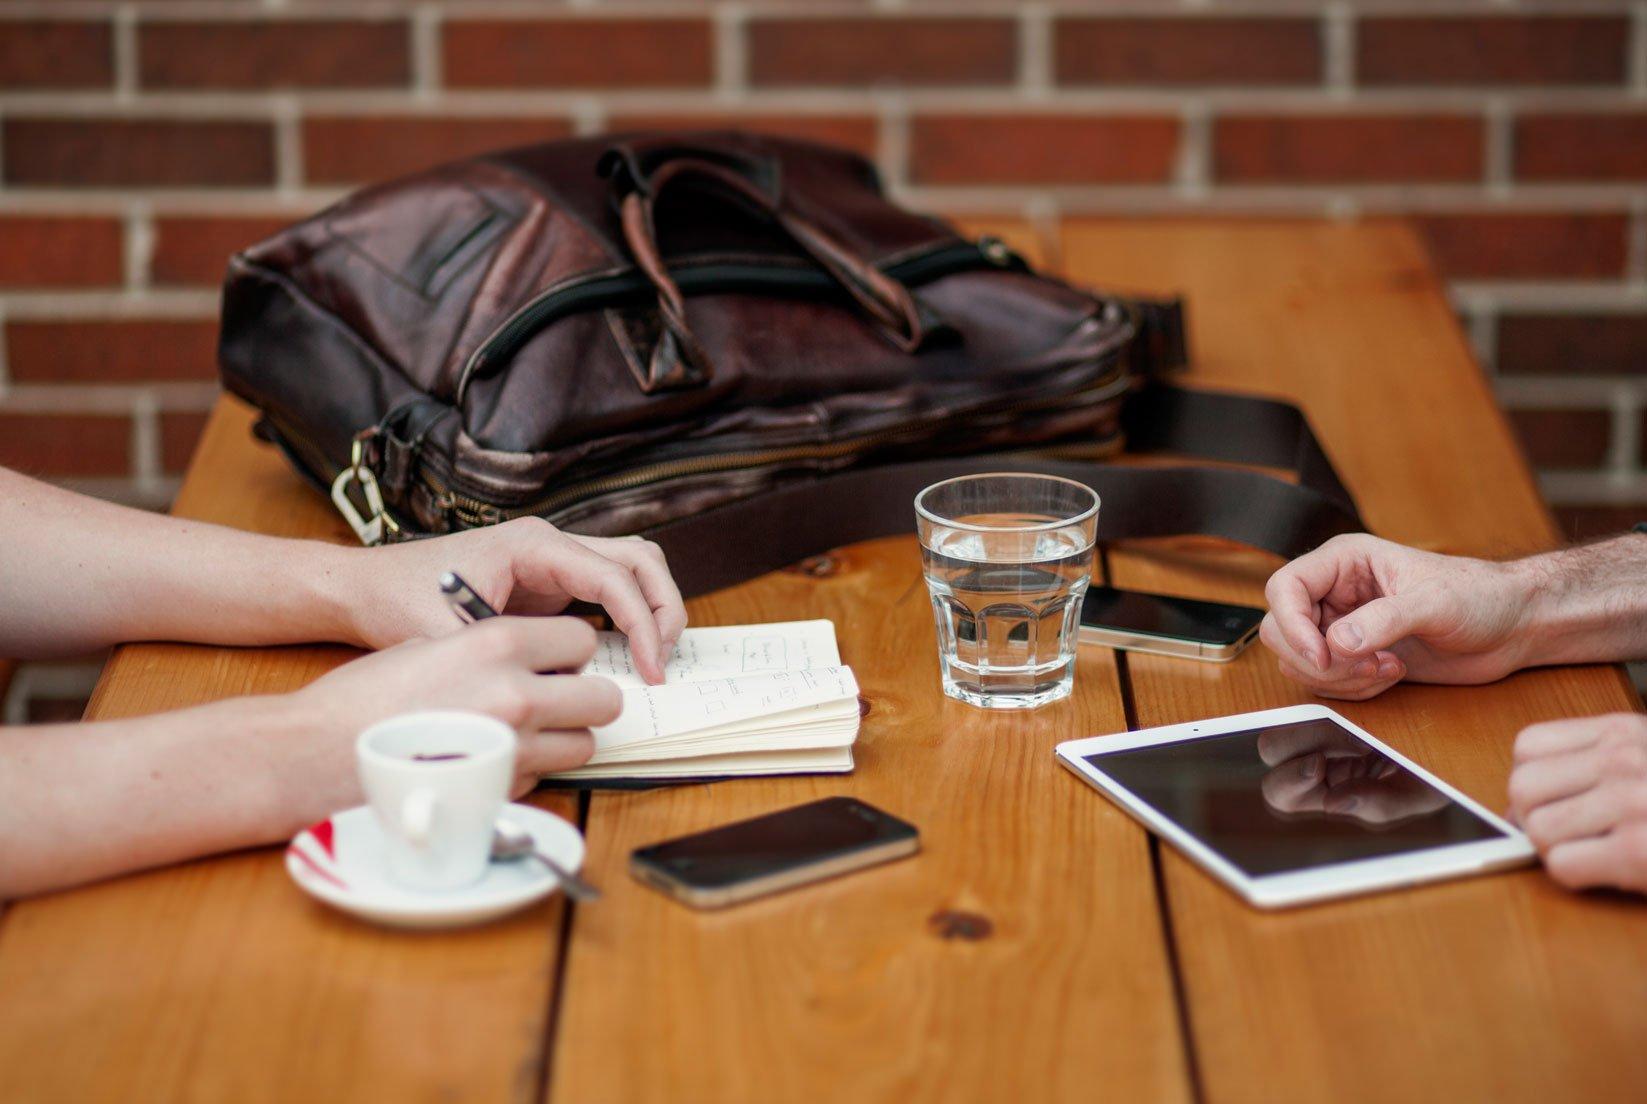 work-meeting-ipad